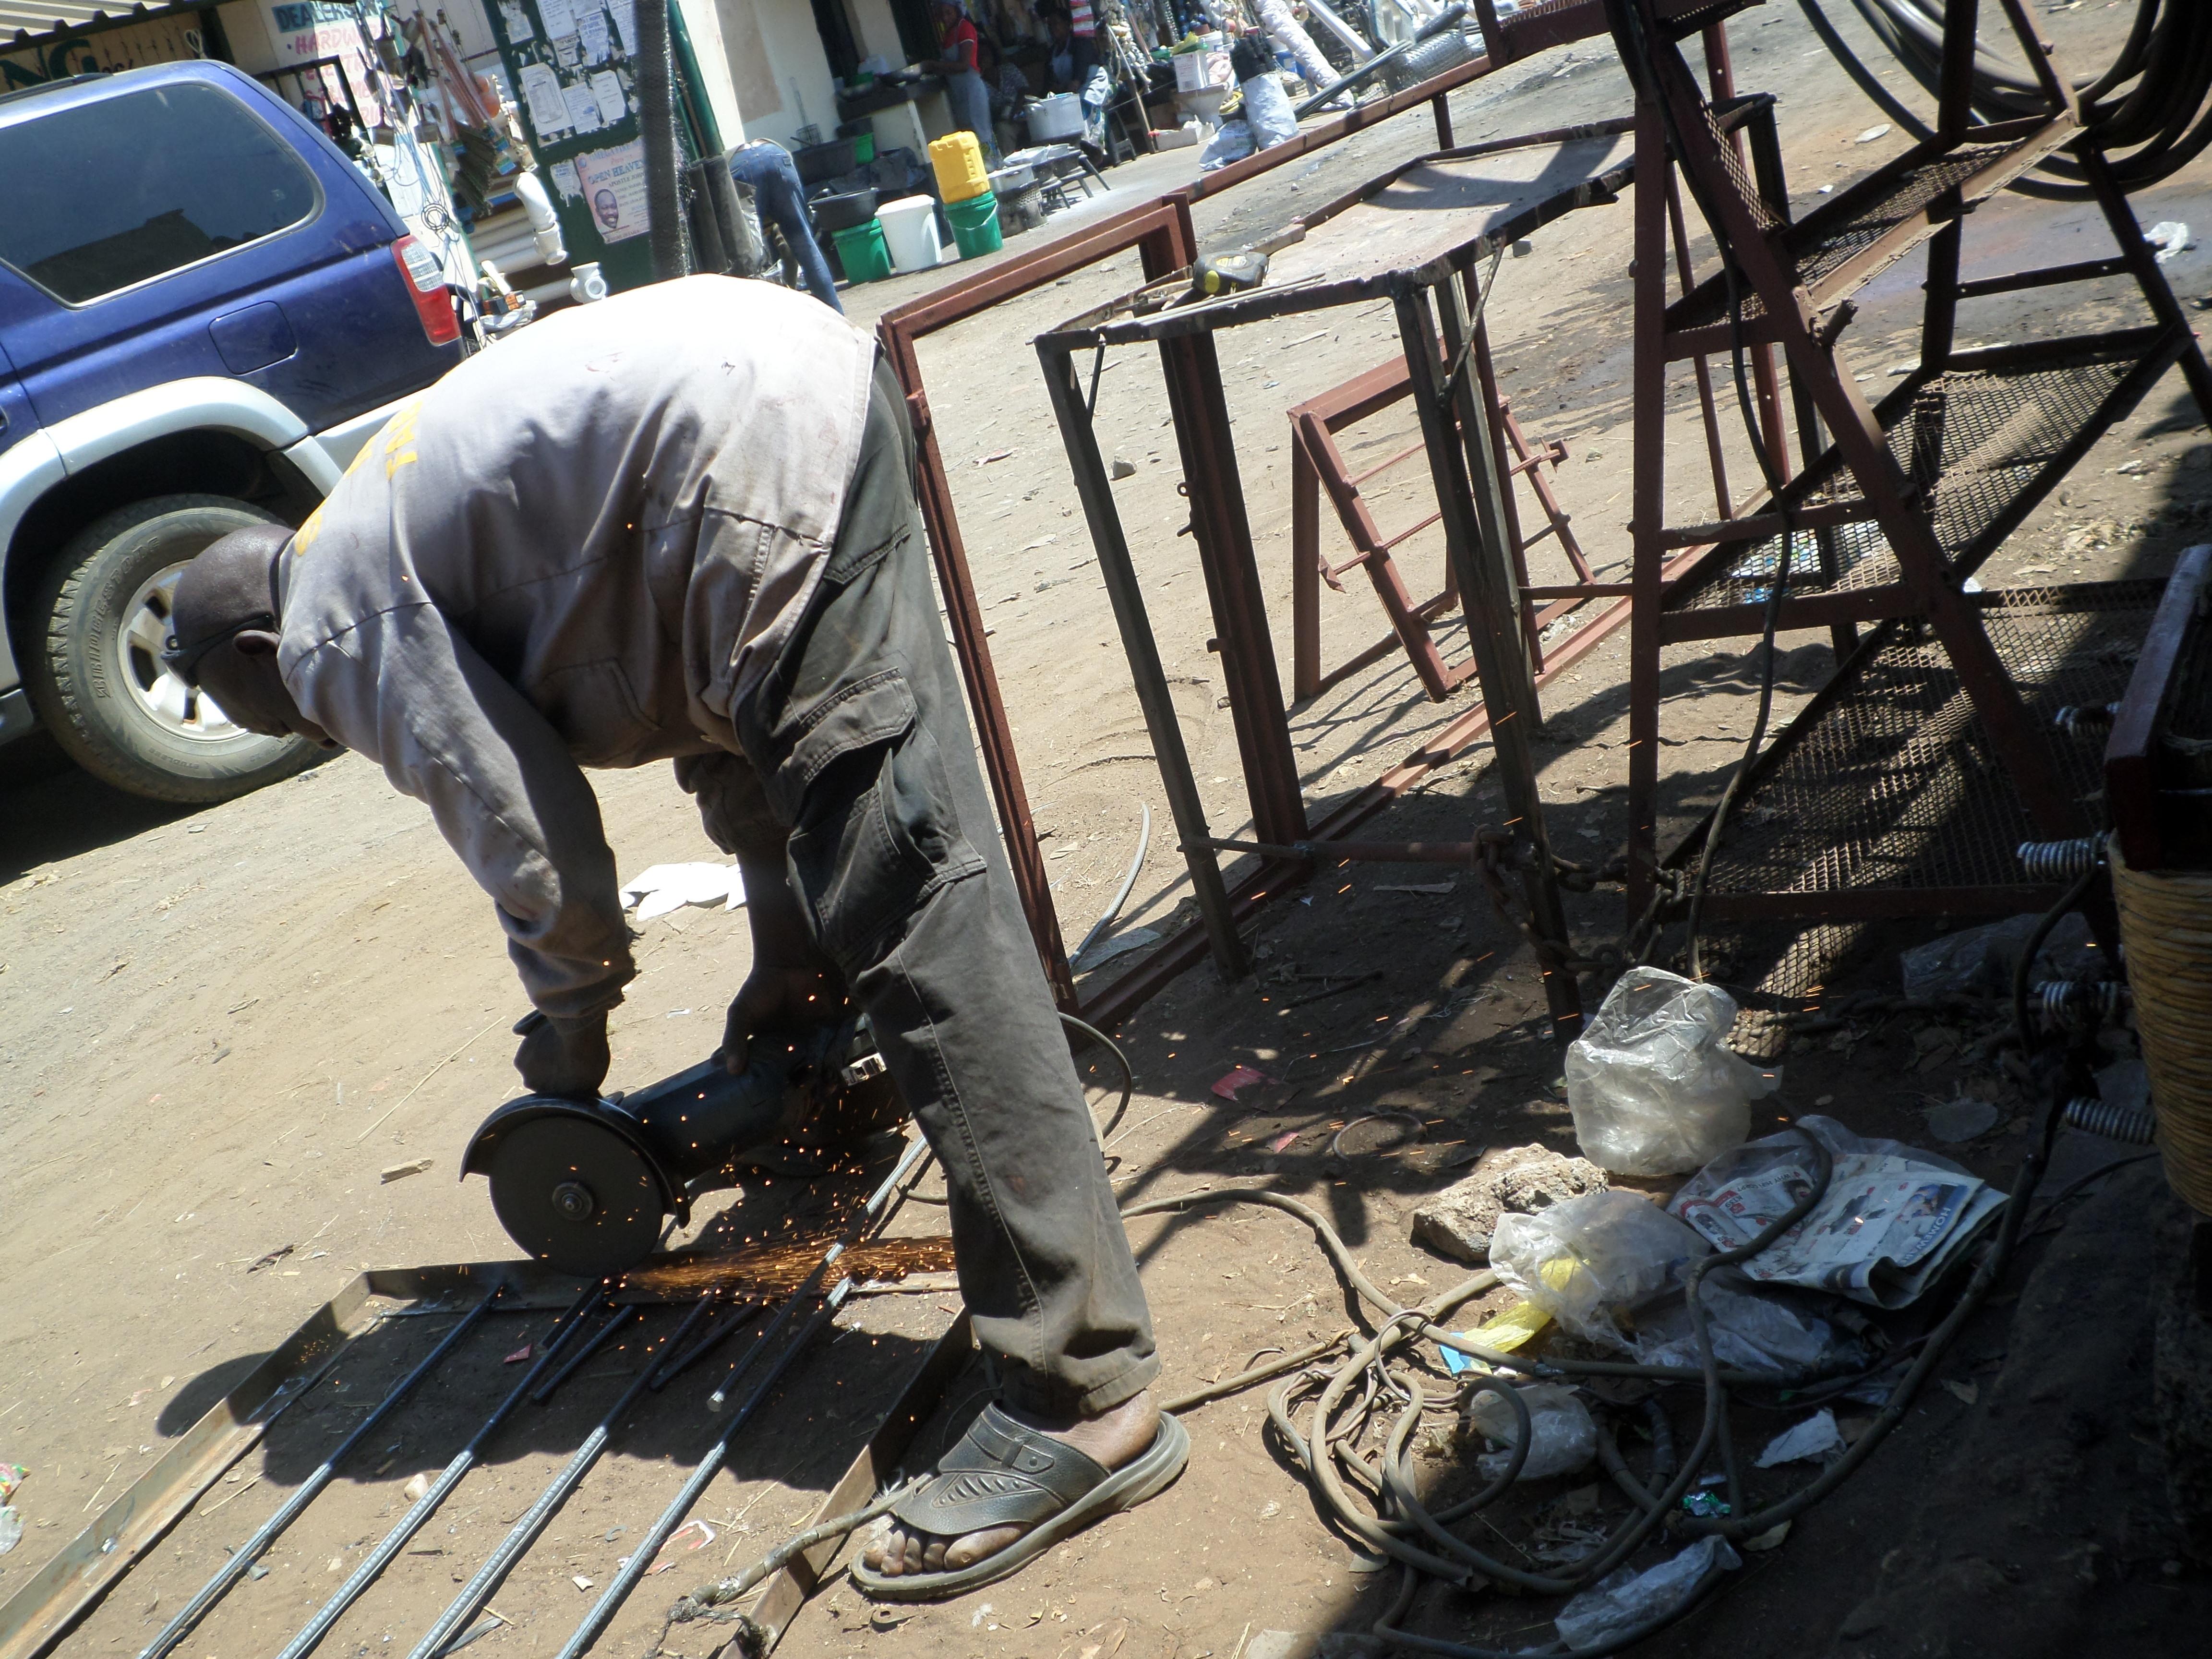 Worker using a metal-cutter_4489.JPG